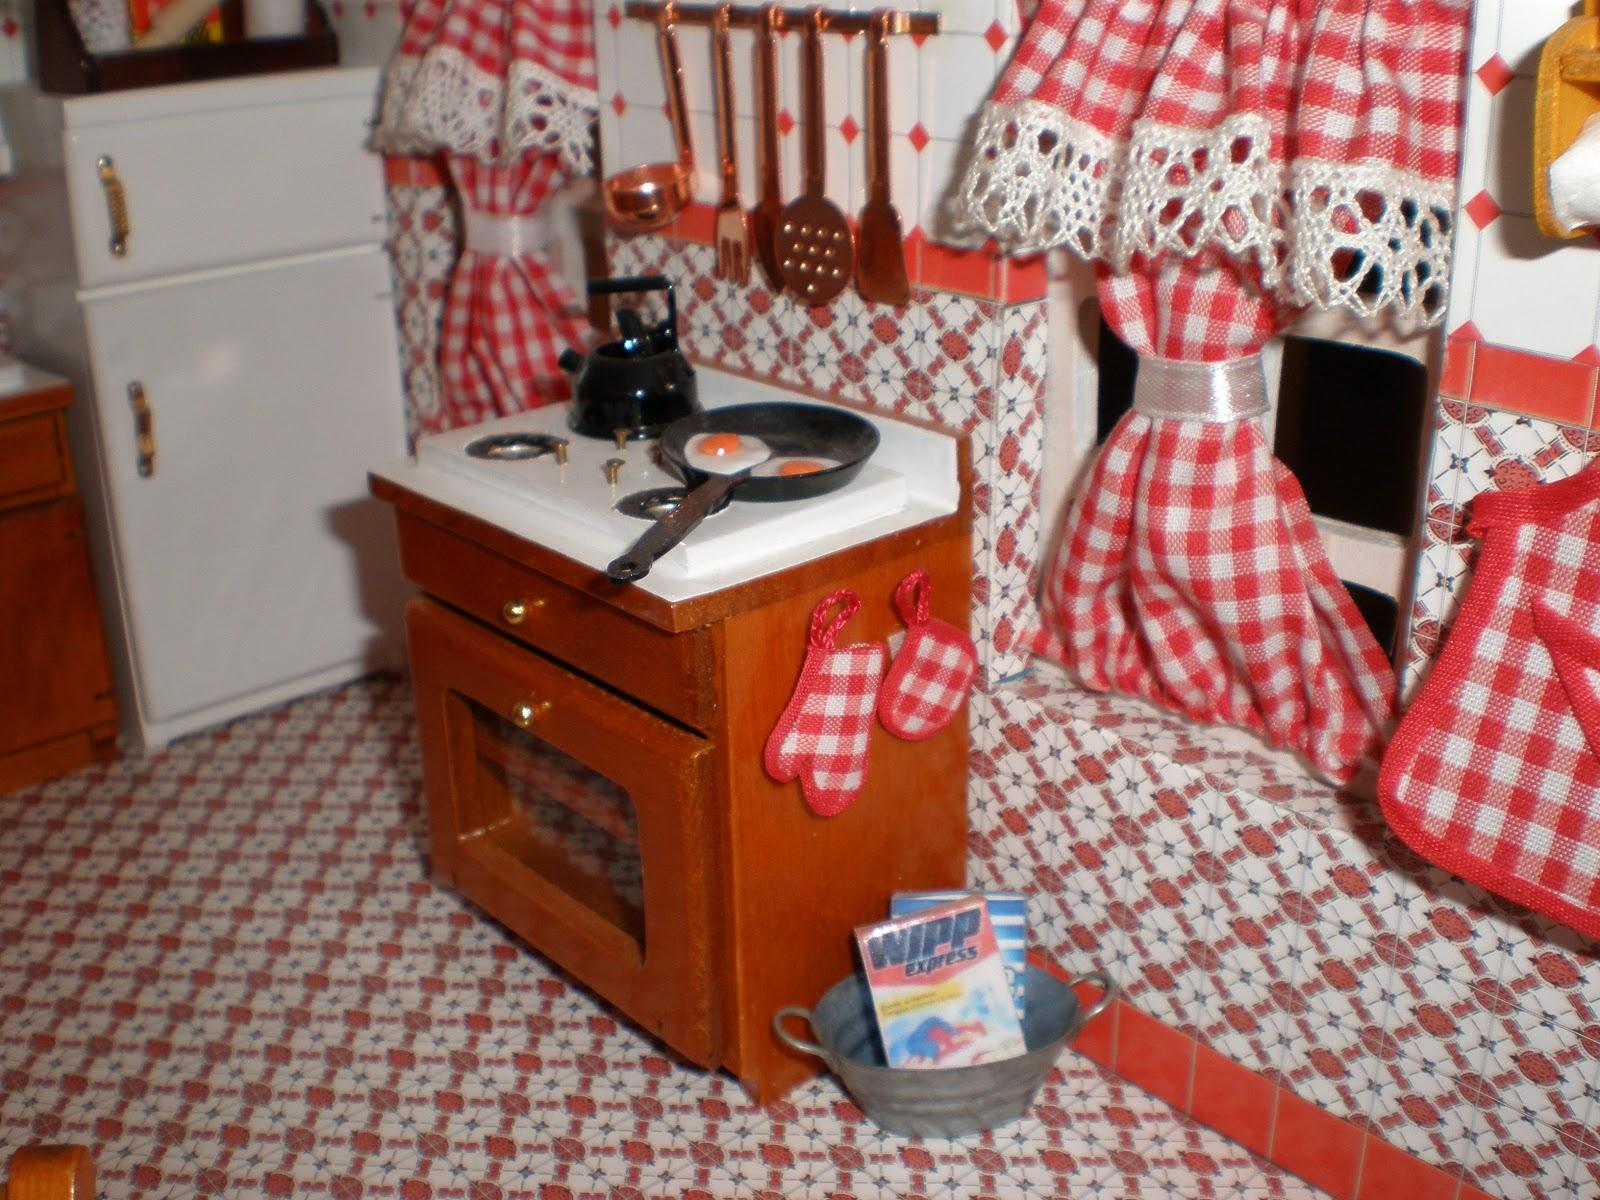 Las miniaturas de eugenia cocinas y cacharros for Cacharros cocina